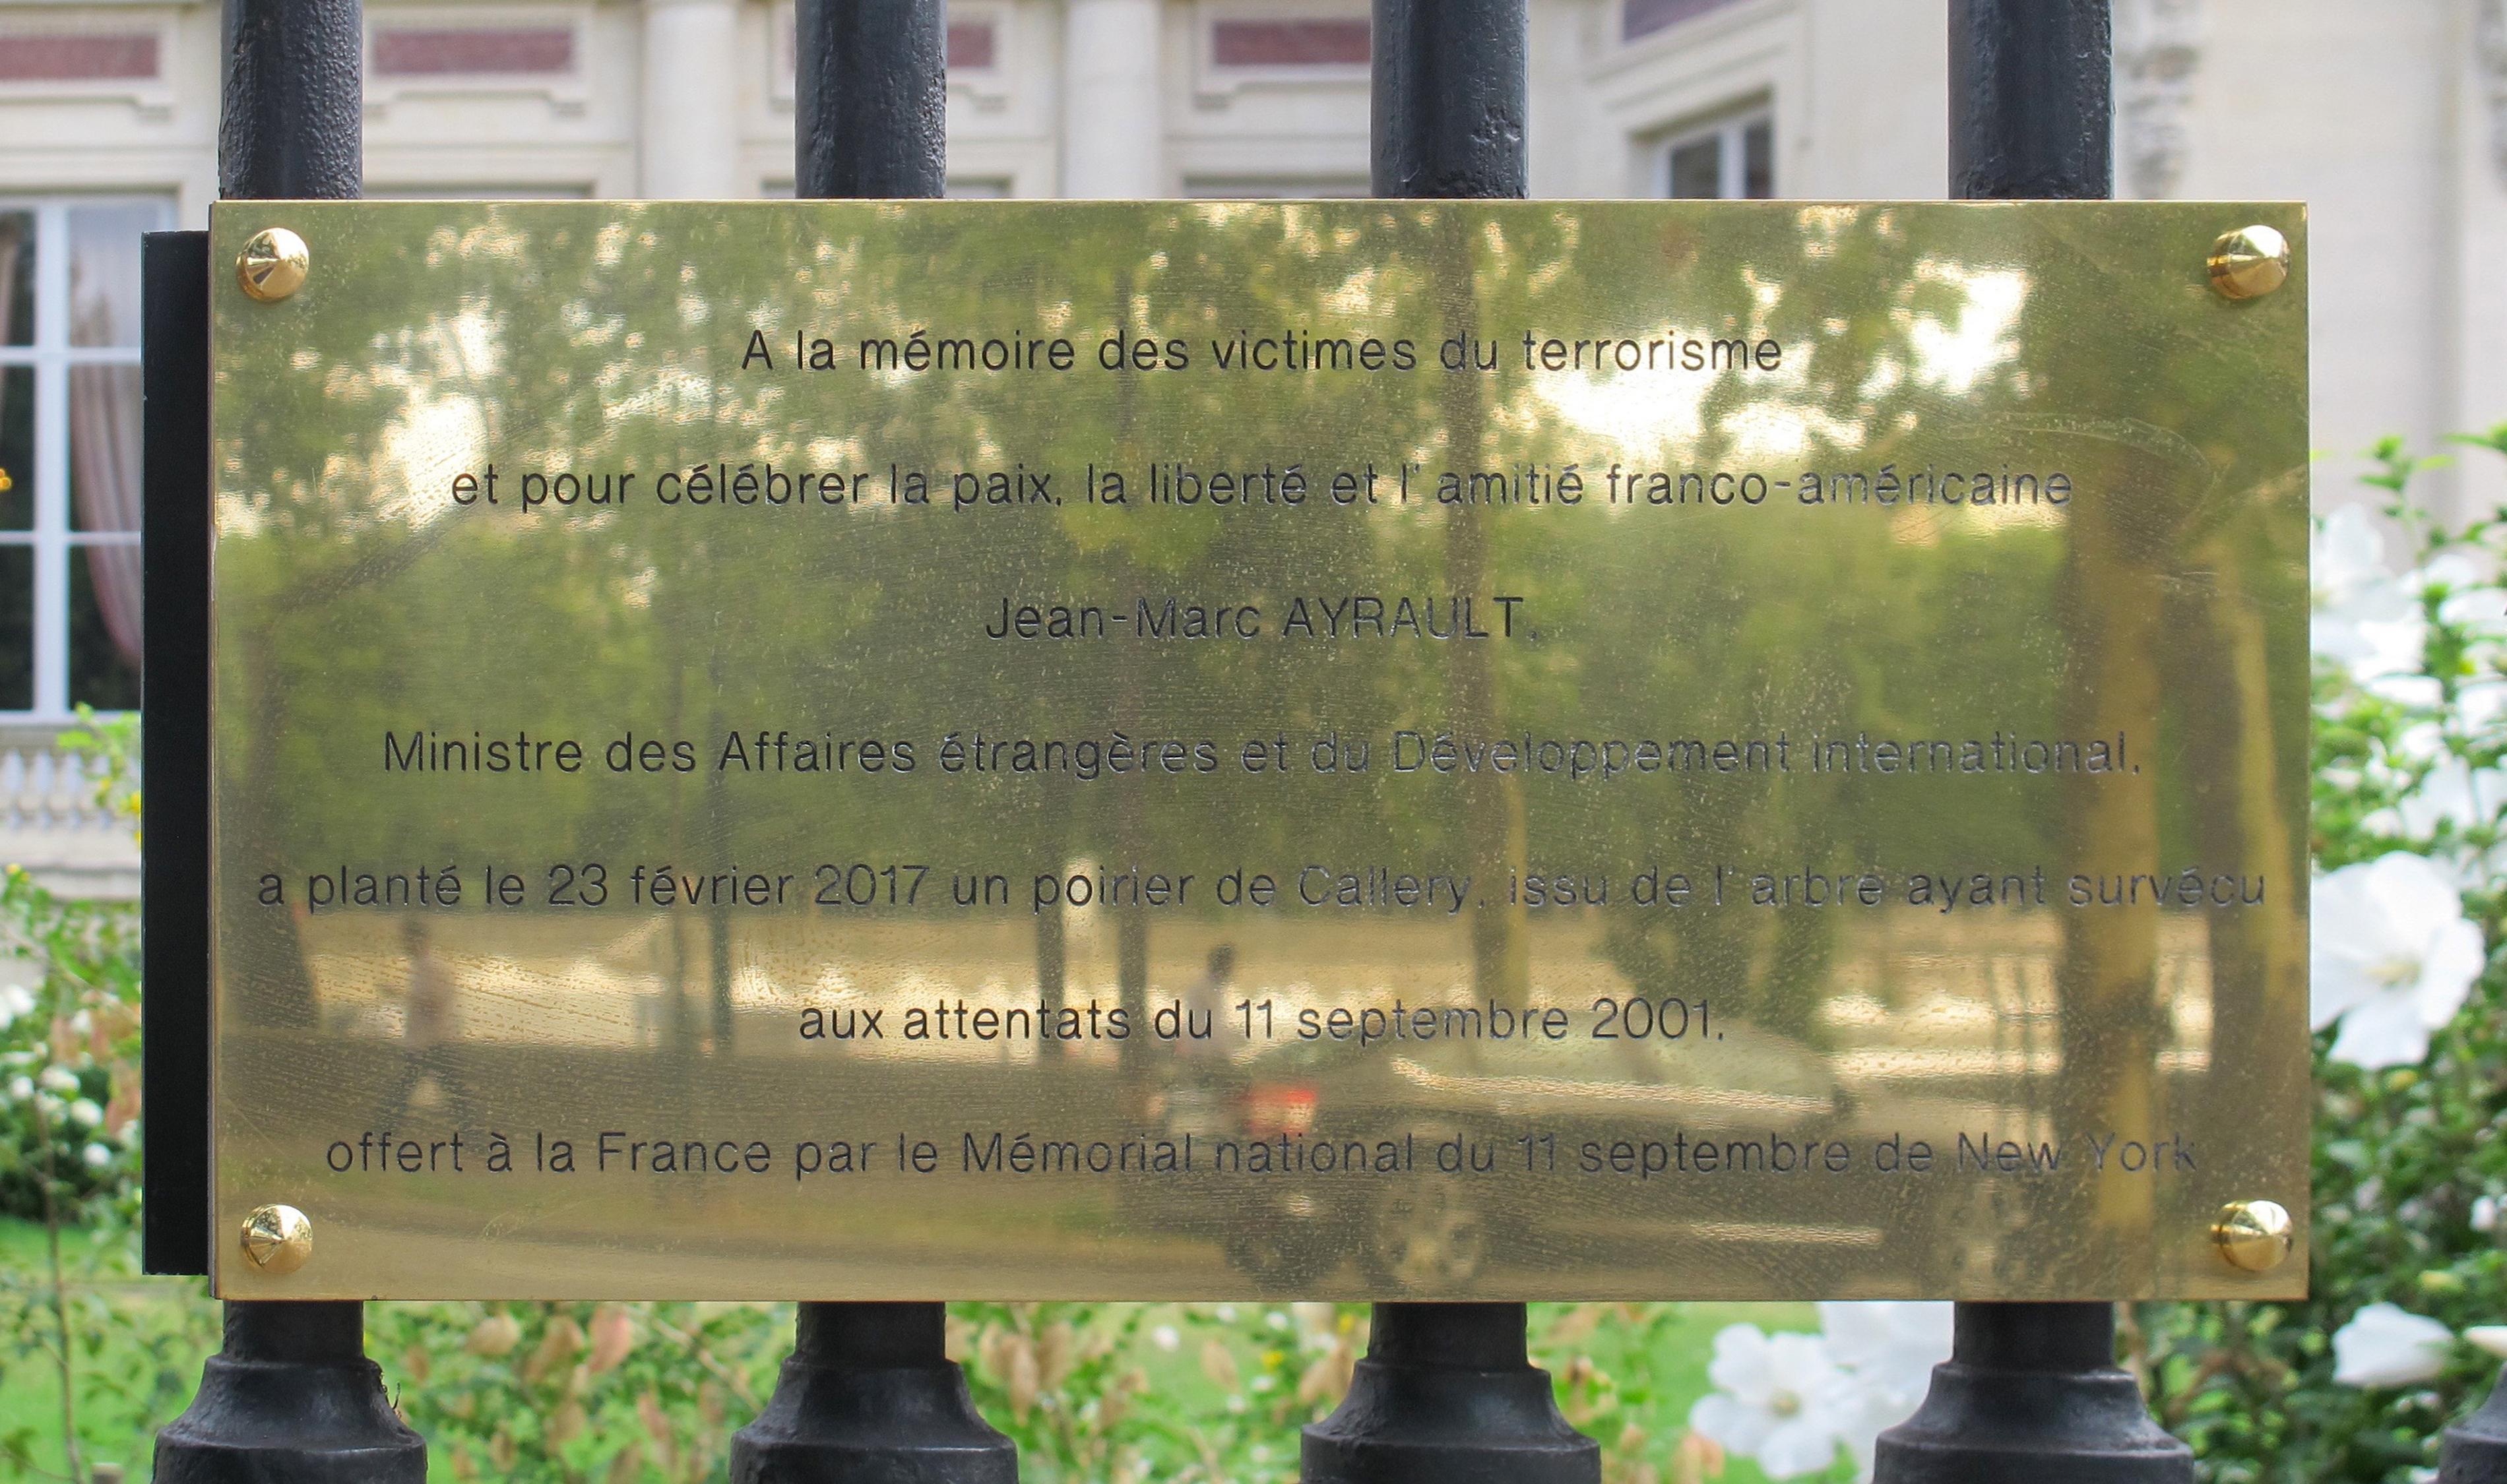 Plante A Planter En Septembre file:plaque terrorisme quai d'orsay - wikimedia commons